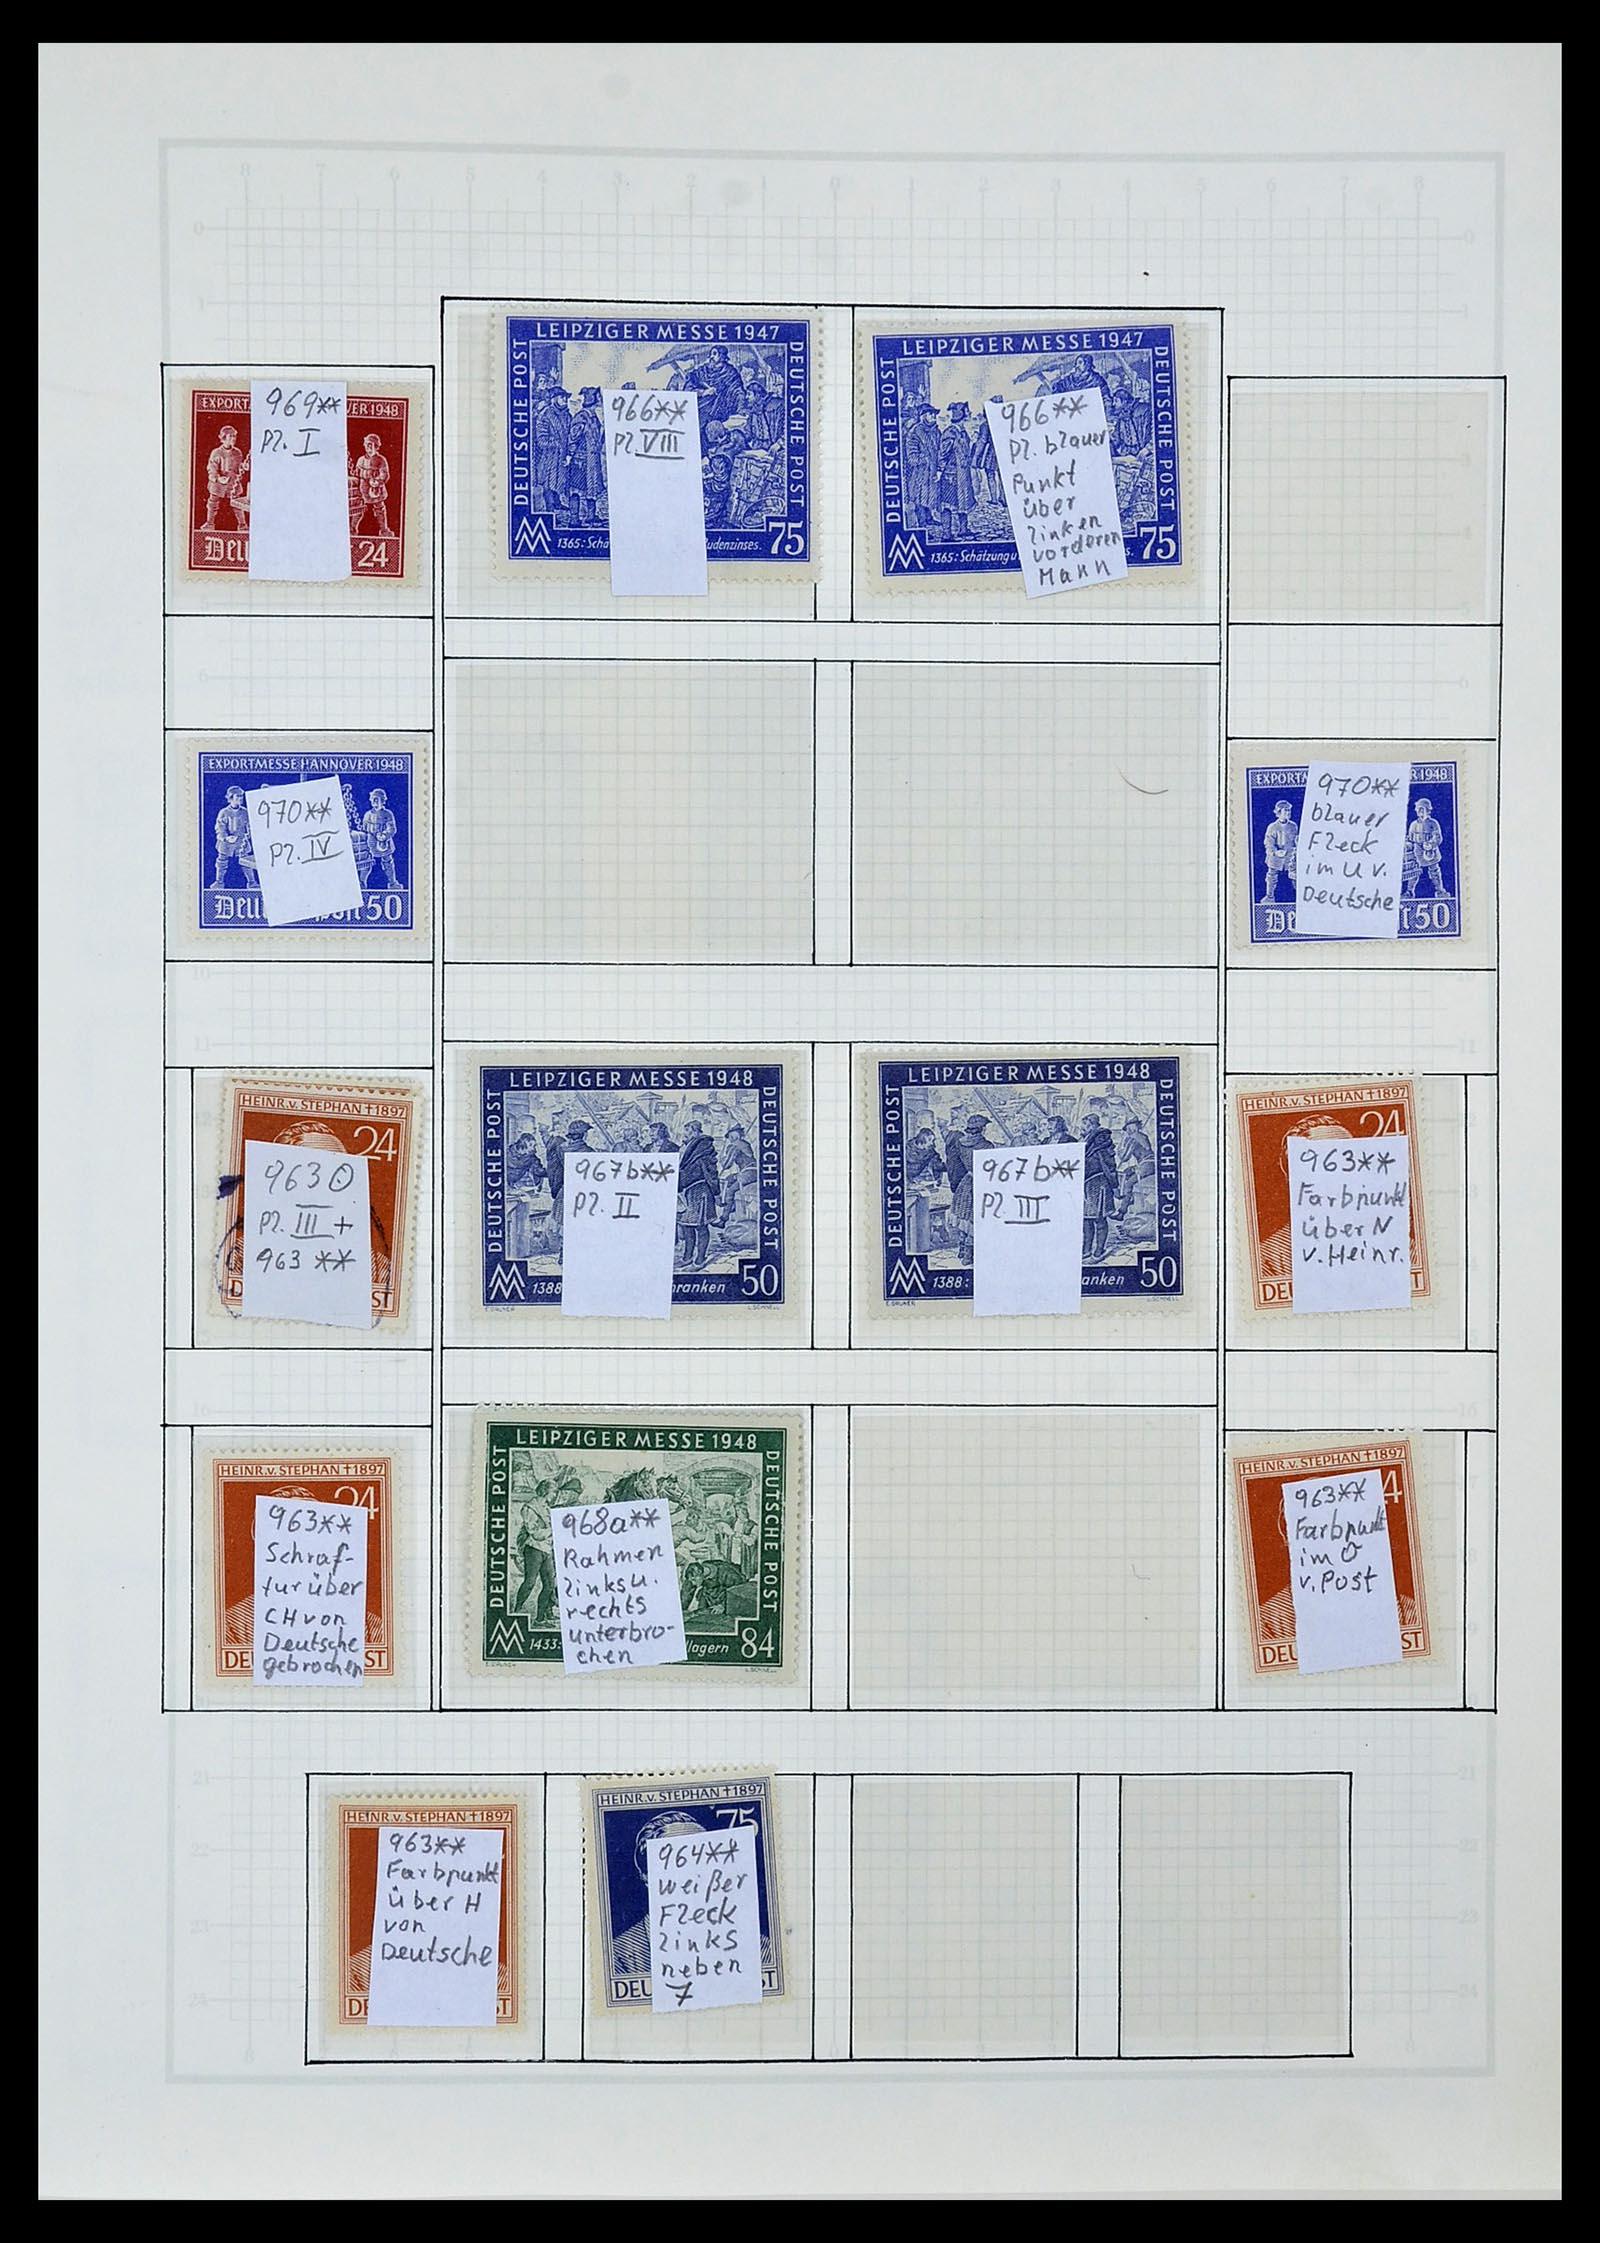 34152 005 - Postzegelverzameling 34152 Duitse Zones 1945-1949.